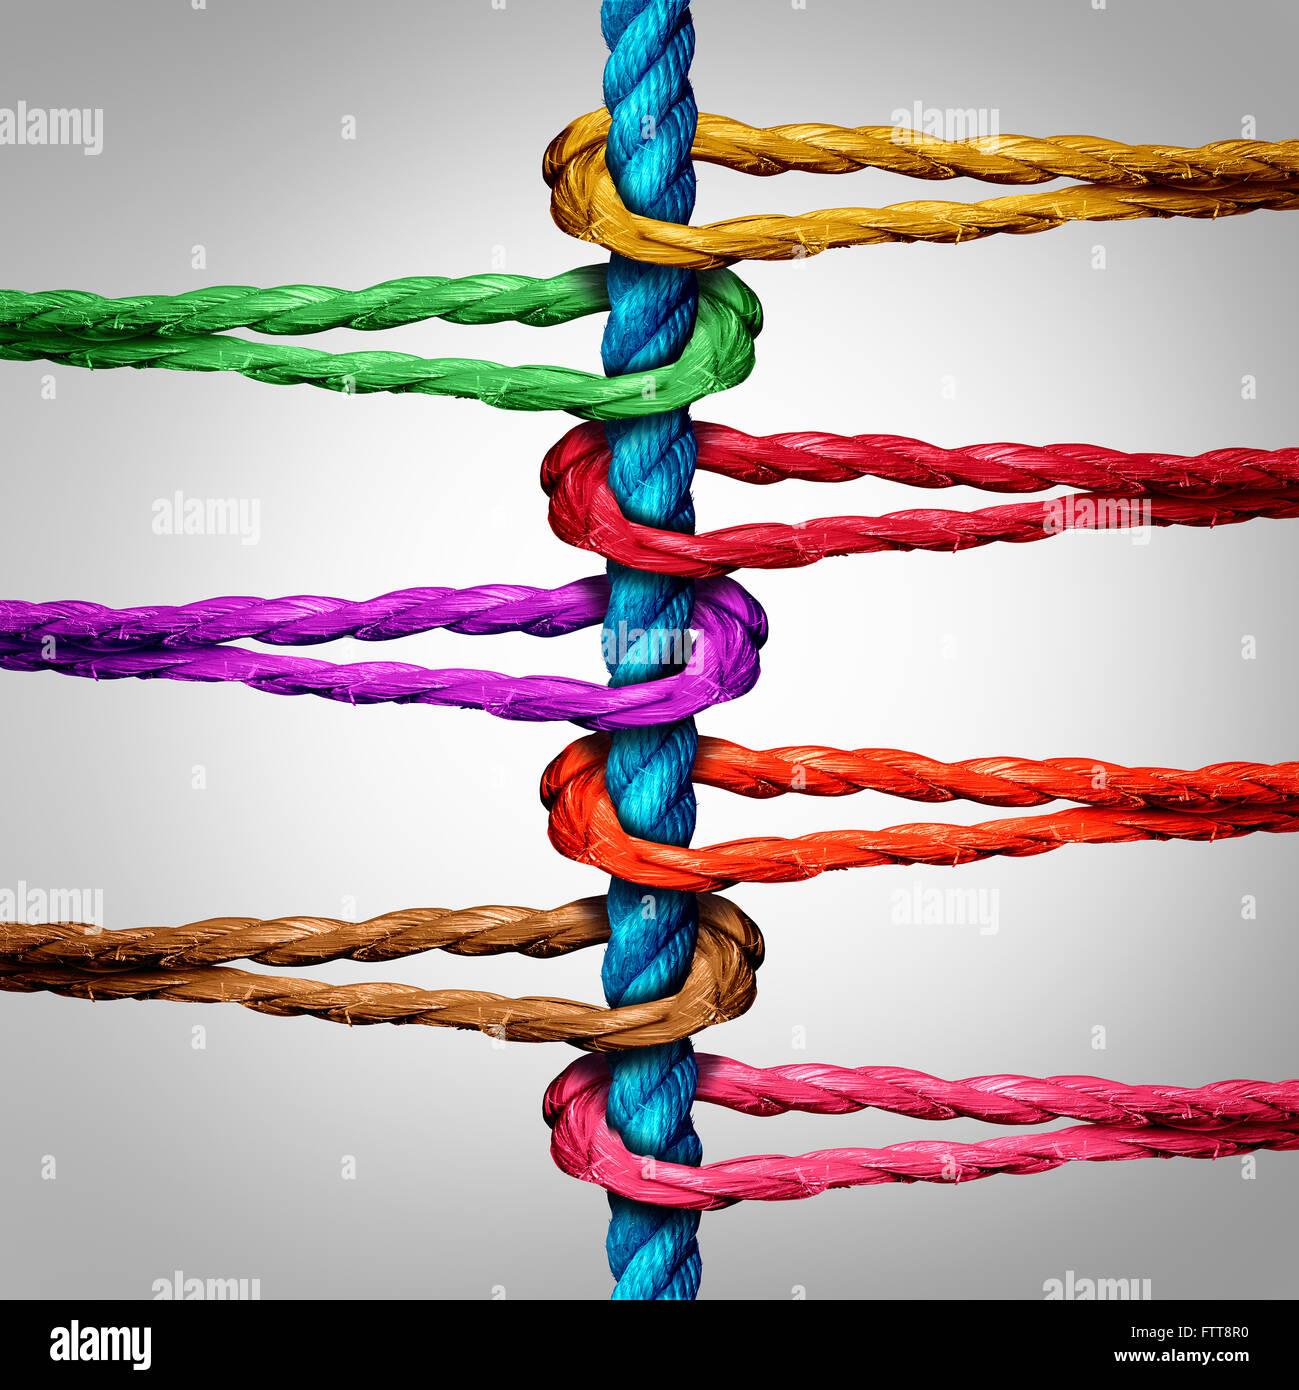 Connessione centrale il concetto di business come un gruppo di diverse funi collegate a una corda centrale come Immagini Stock